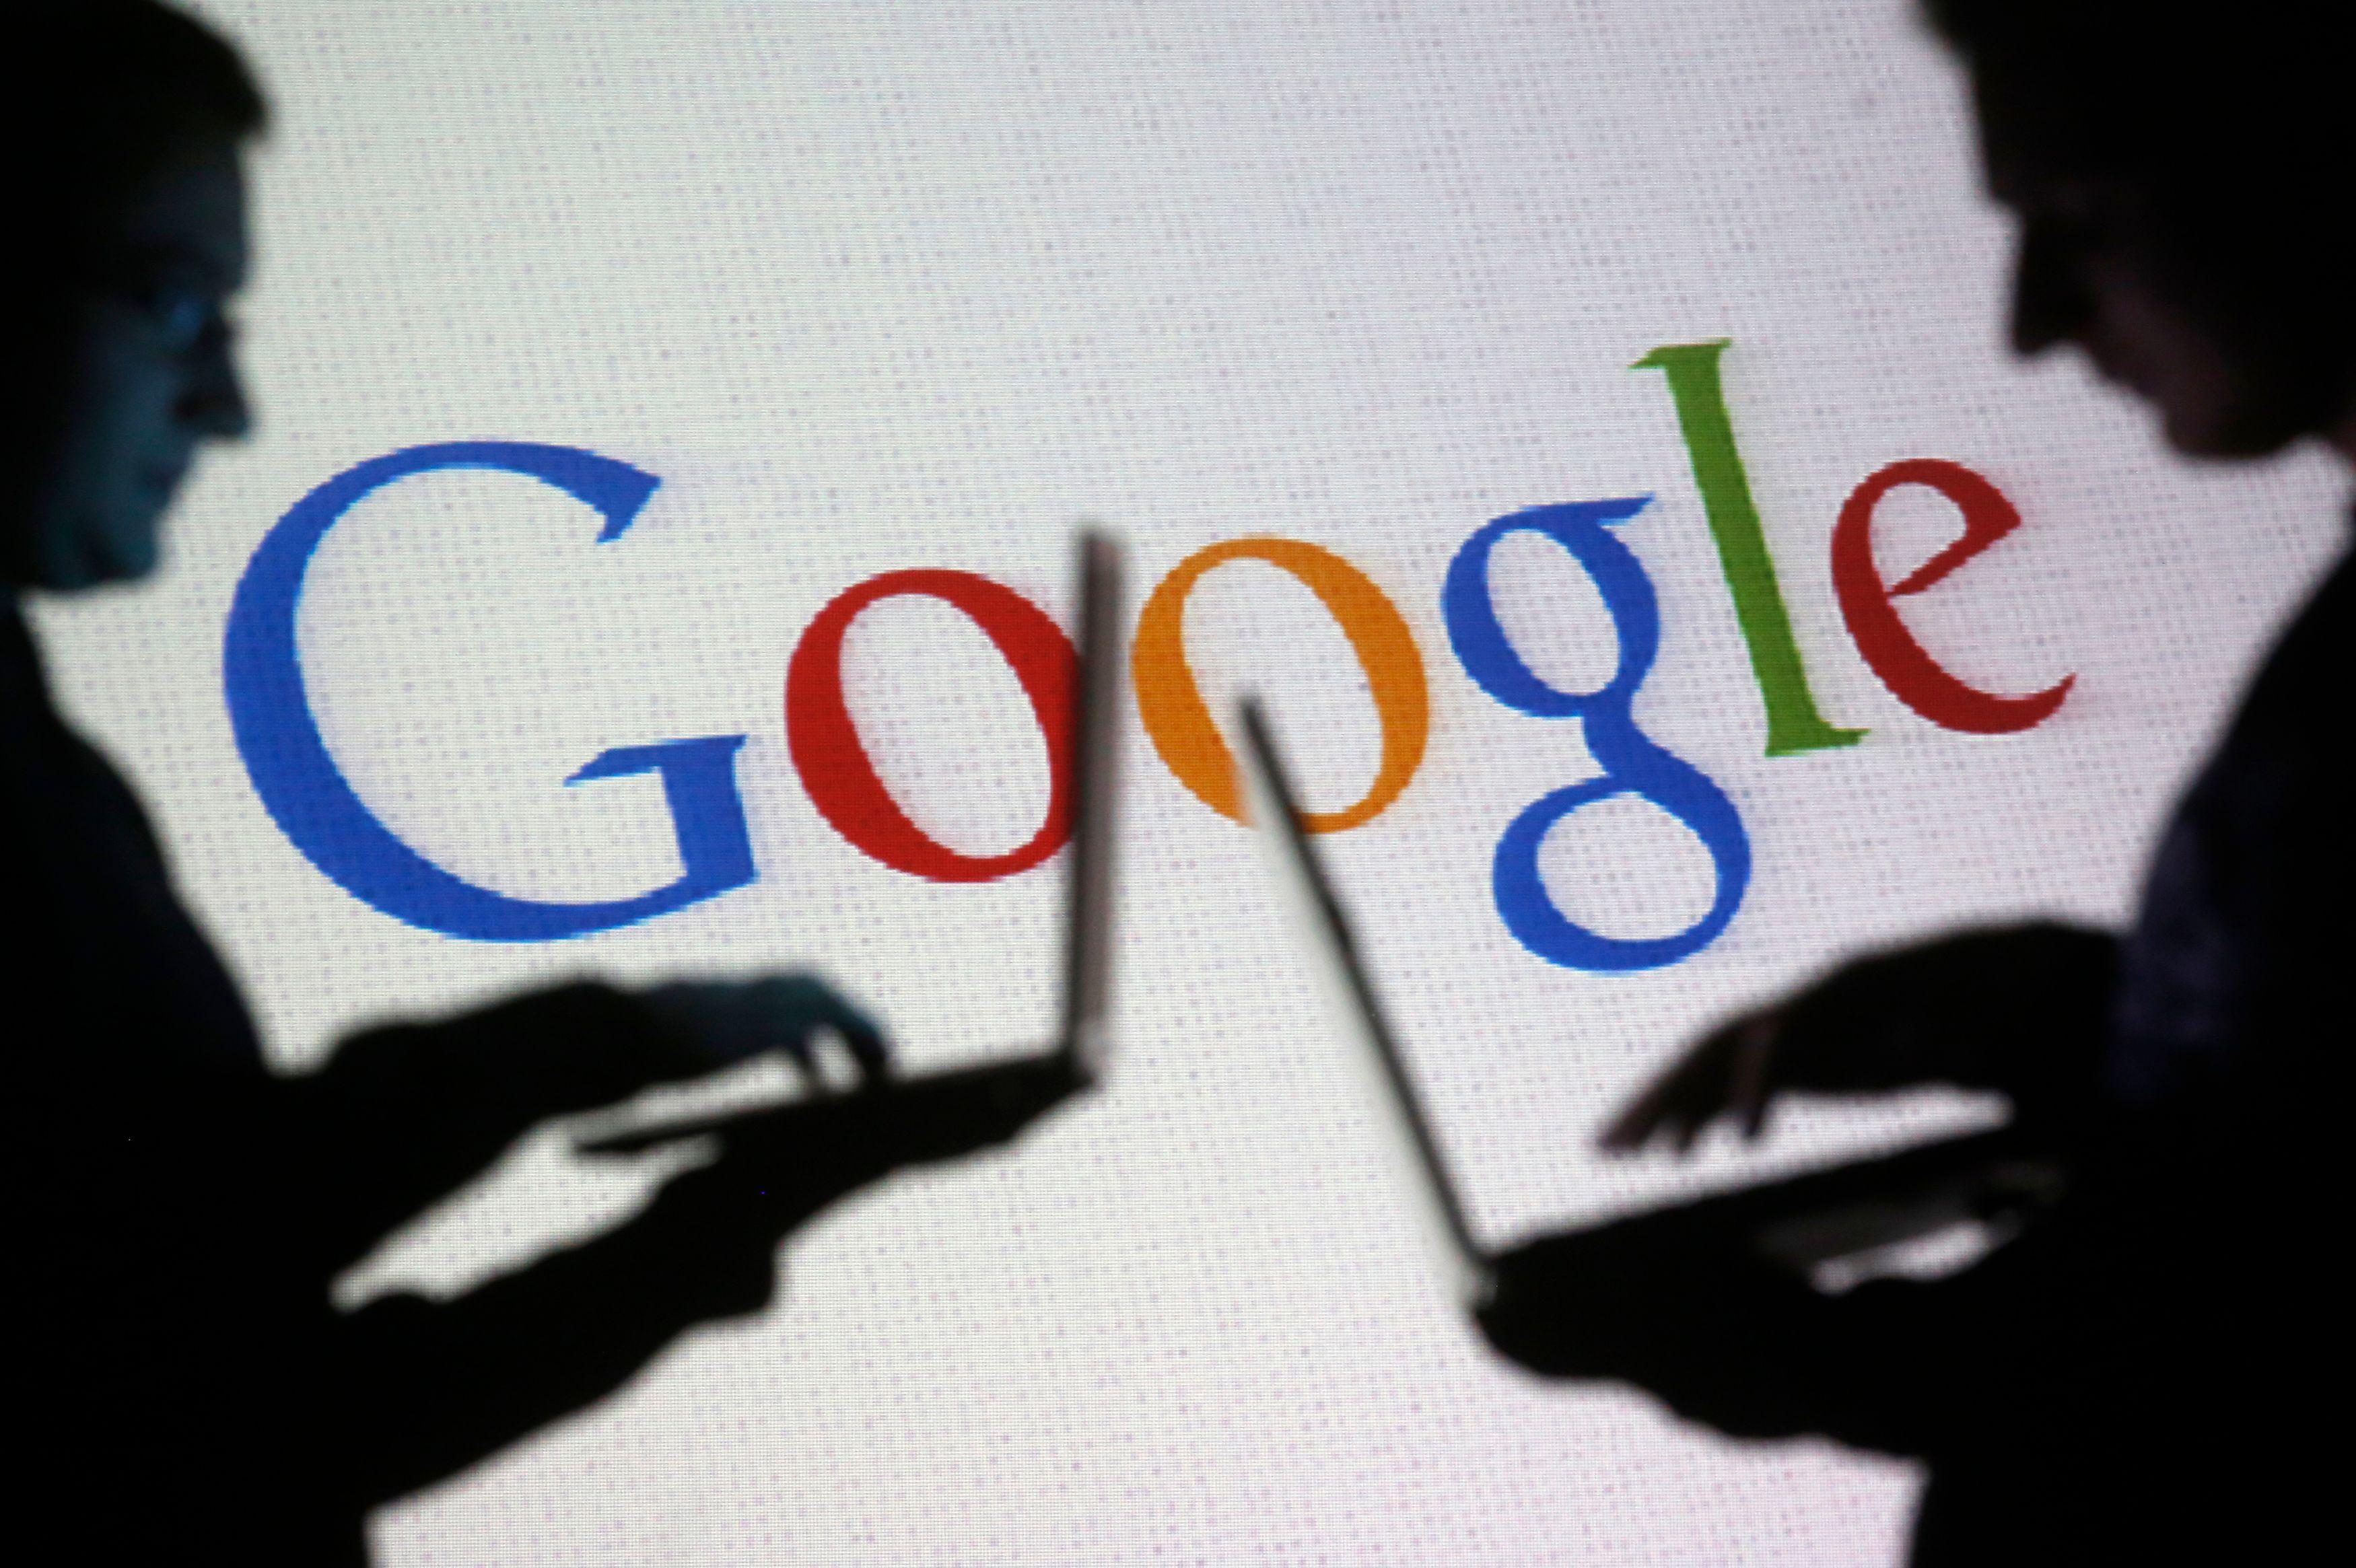 """Angela Merkel attire l'attention sur le fait que Google propose des résultats personnalisés à chaque utilisateur, et que cela peut s'avérer néfaste pour la société. C'est la """"filter bubble"""" qui fait que Google nous fournit des résultats filtrés."""